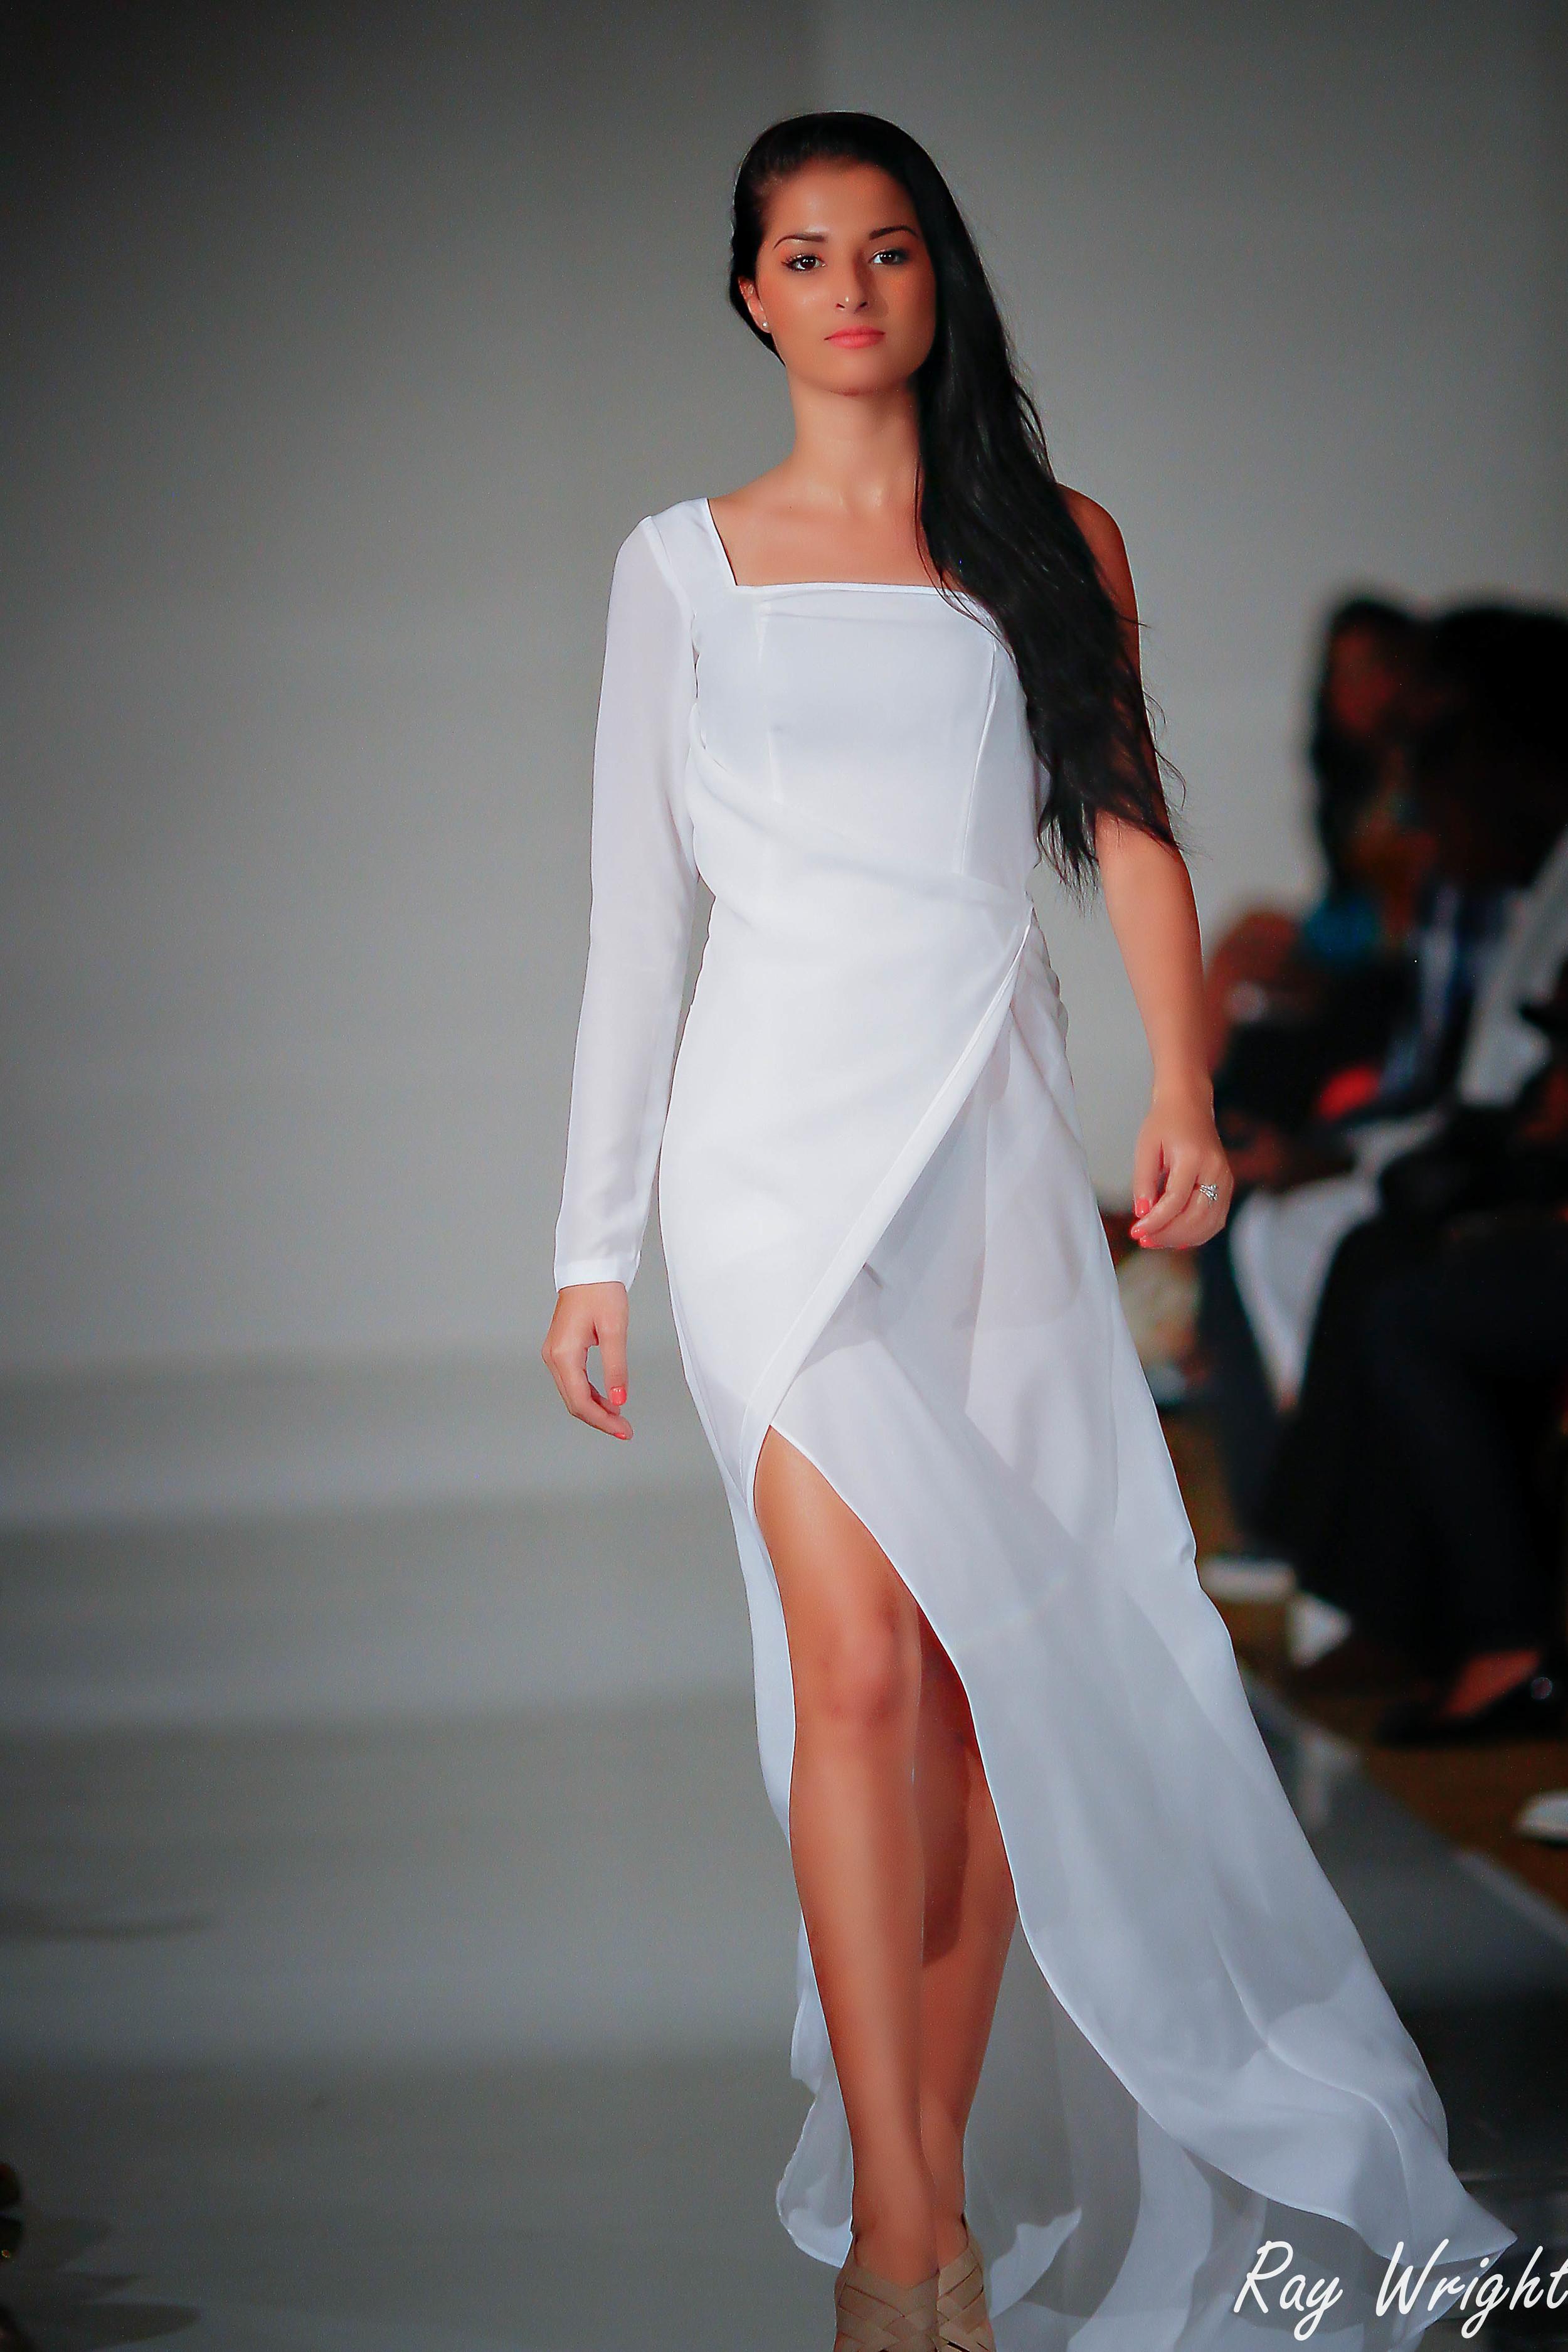 Fashion Week 2012 - Session 2A 285-Edit.jpg